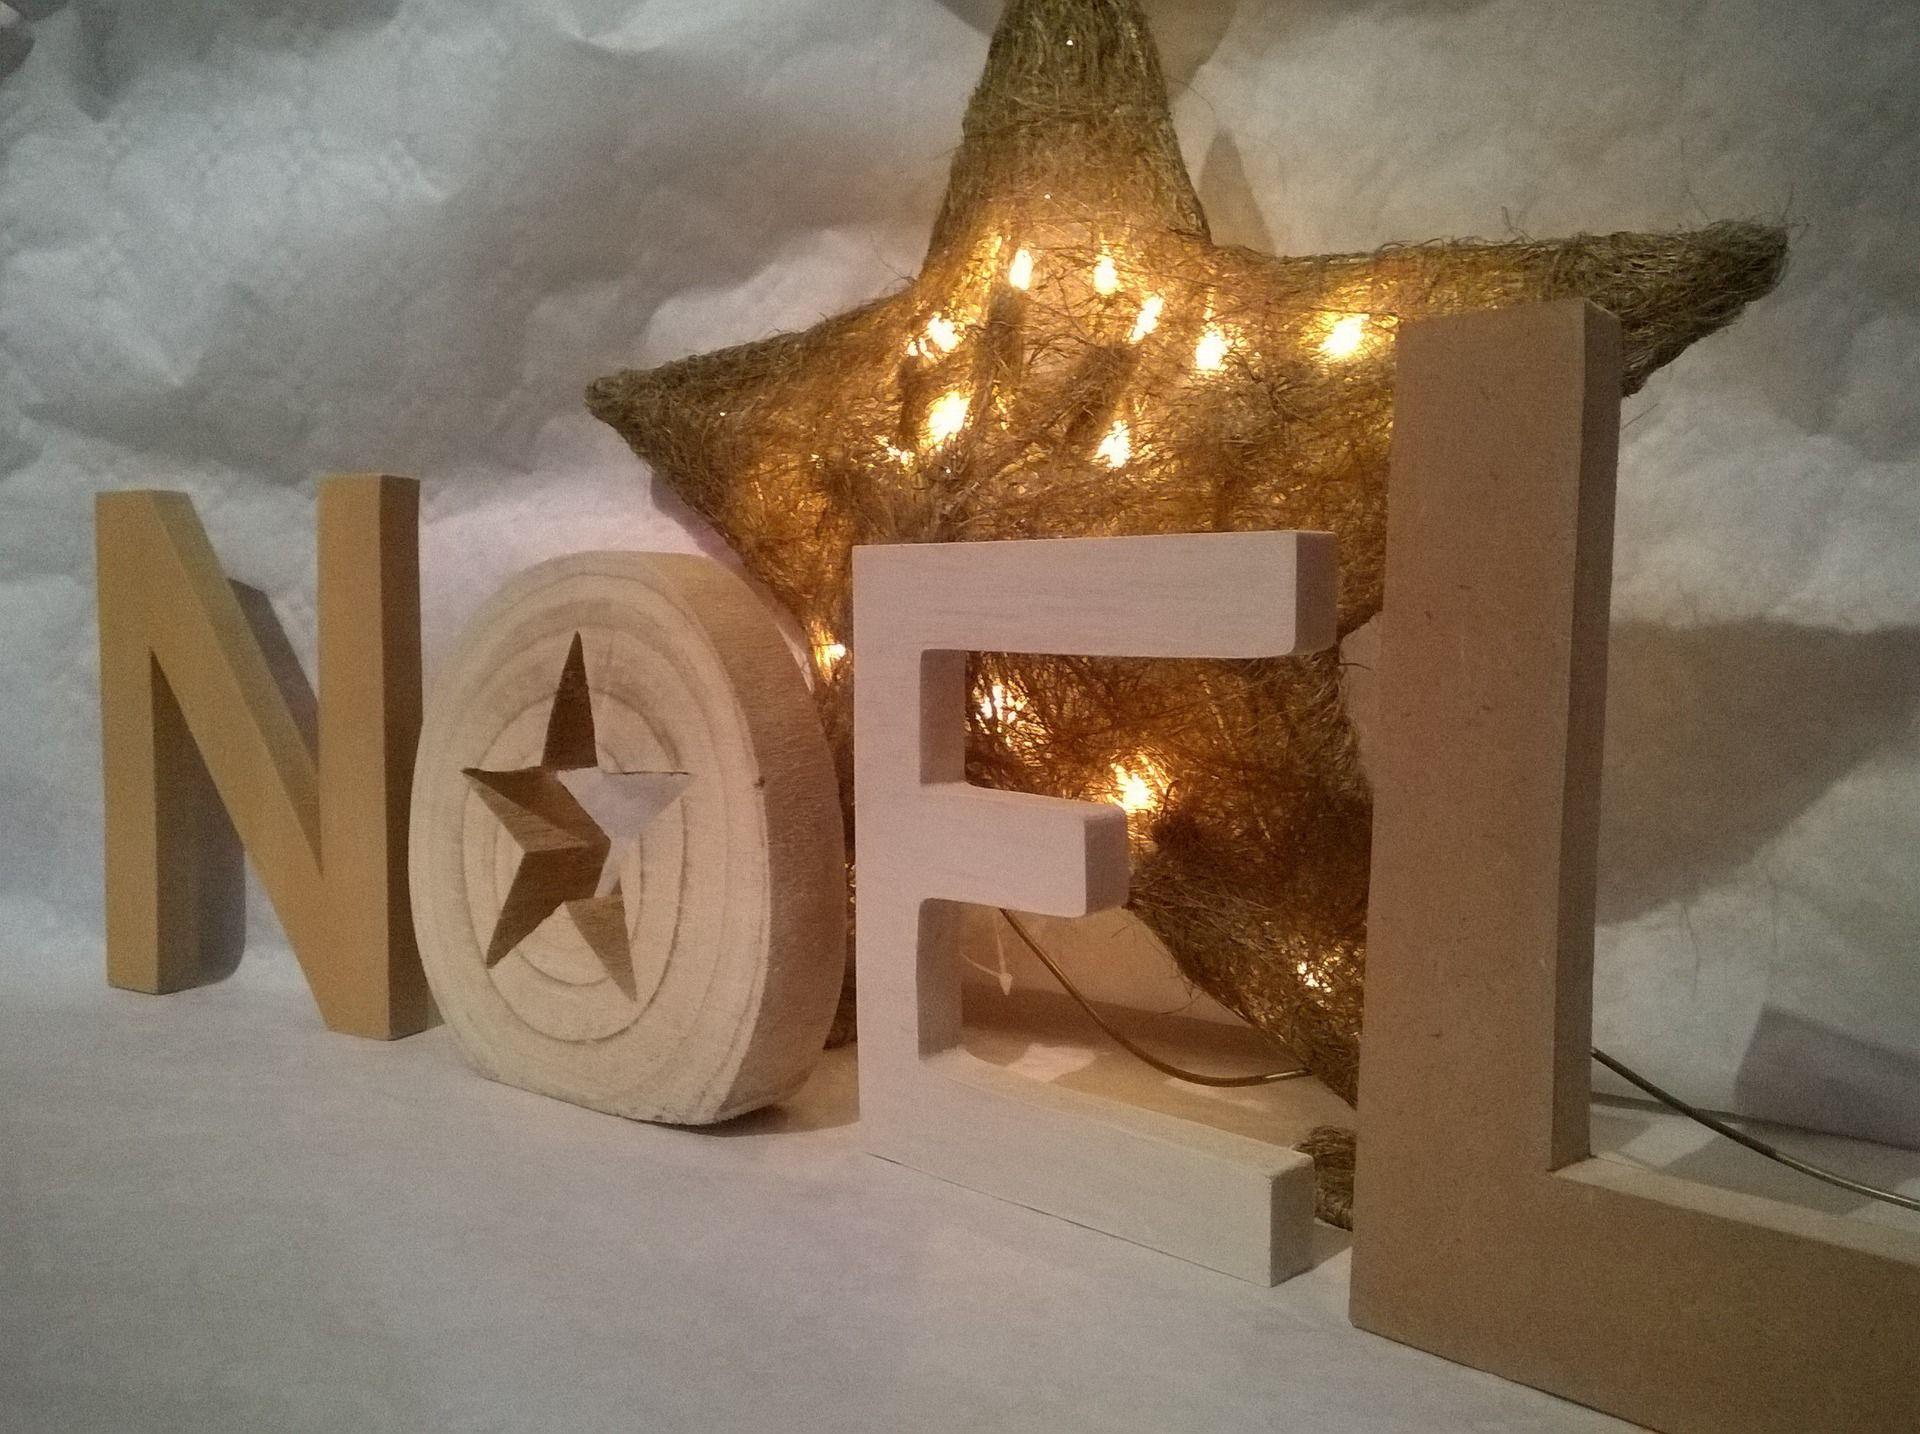 D coration de no l lettres en bois accessoires de for Decoration accessoire maison